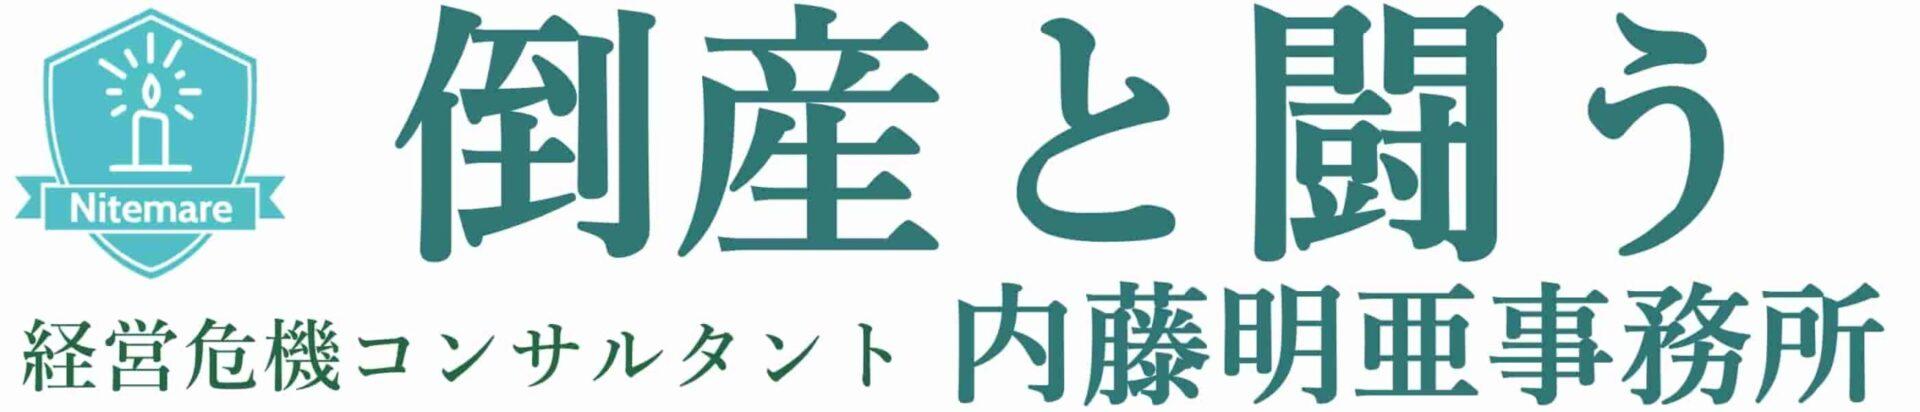 倒産と闘う 経営危機コンサルタント 内藤明亜オフィシャルサイト